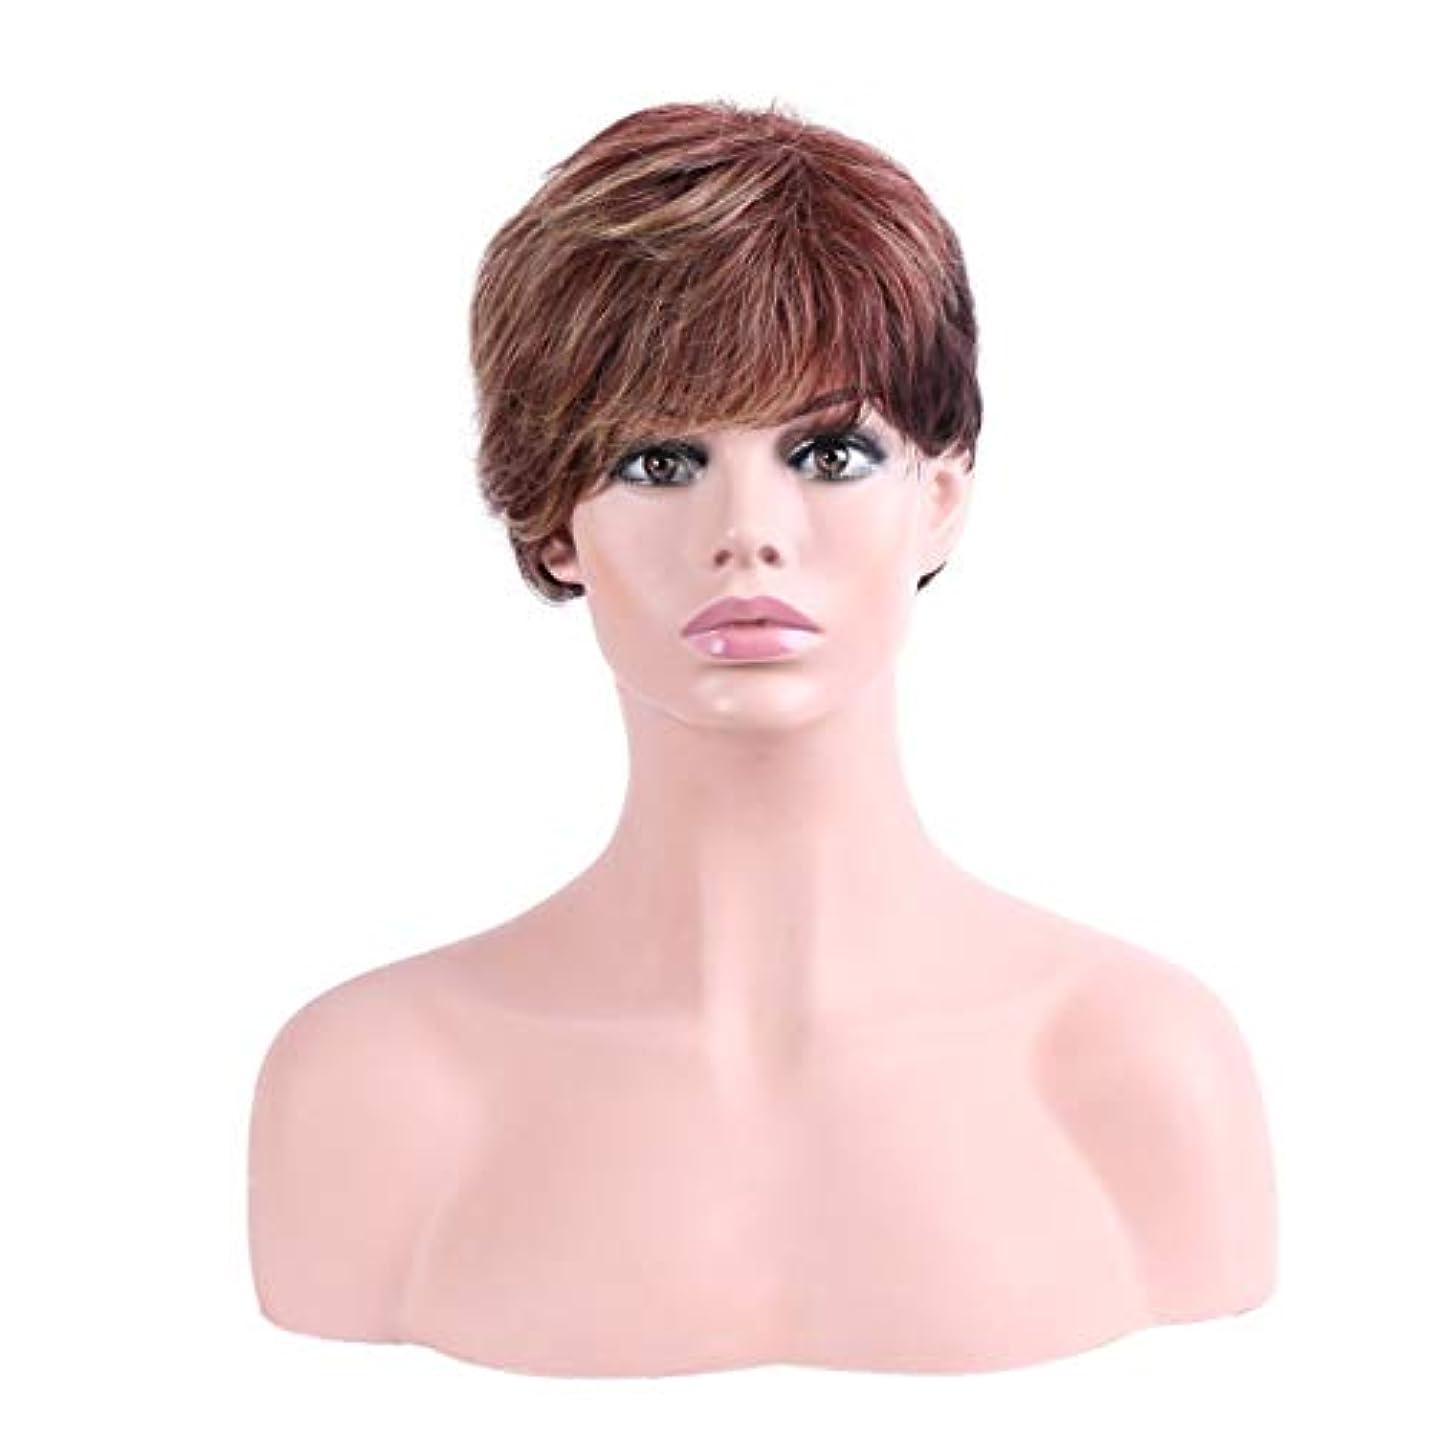 剪断セーター間違っているYOUQIU 女性の耐熱ウィッグナチュラルヘアウィッグ用オンブル茶ショート傾斜部髪の天然、合成ウィッグ (色 : Ombre Brown)